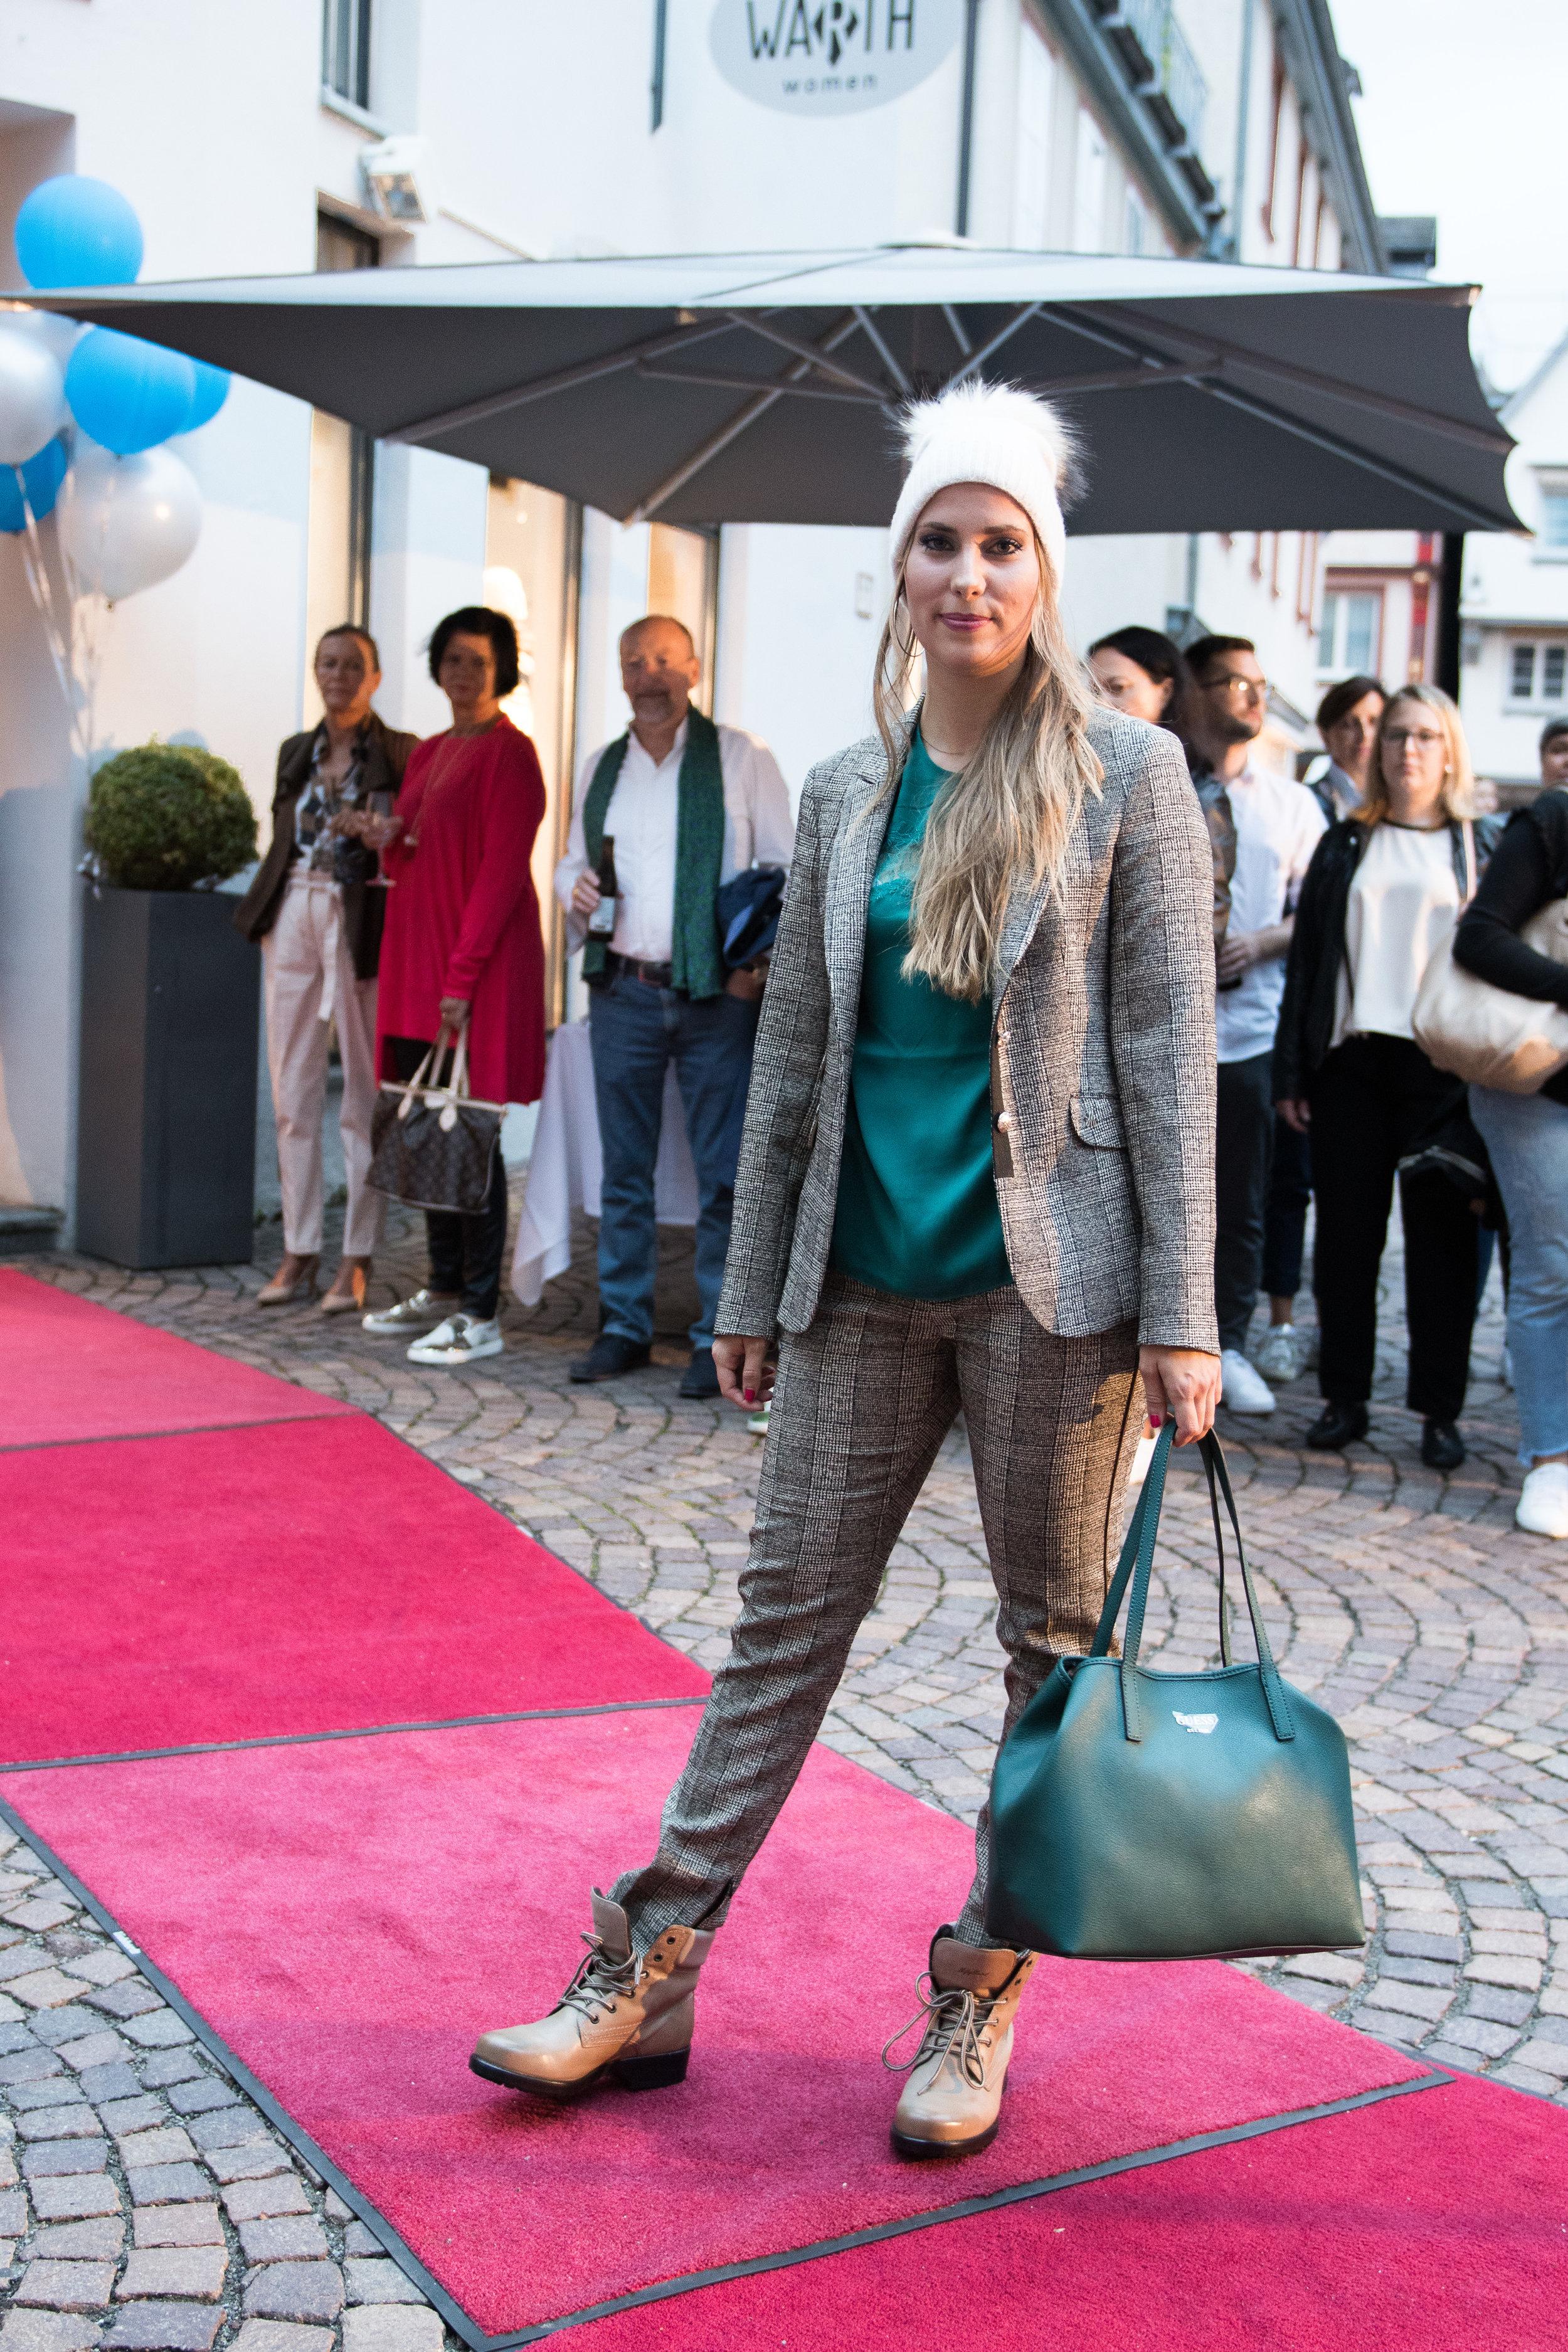 Fashionshowbackstage_66.jpg